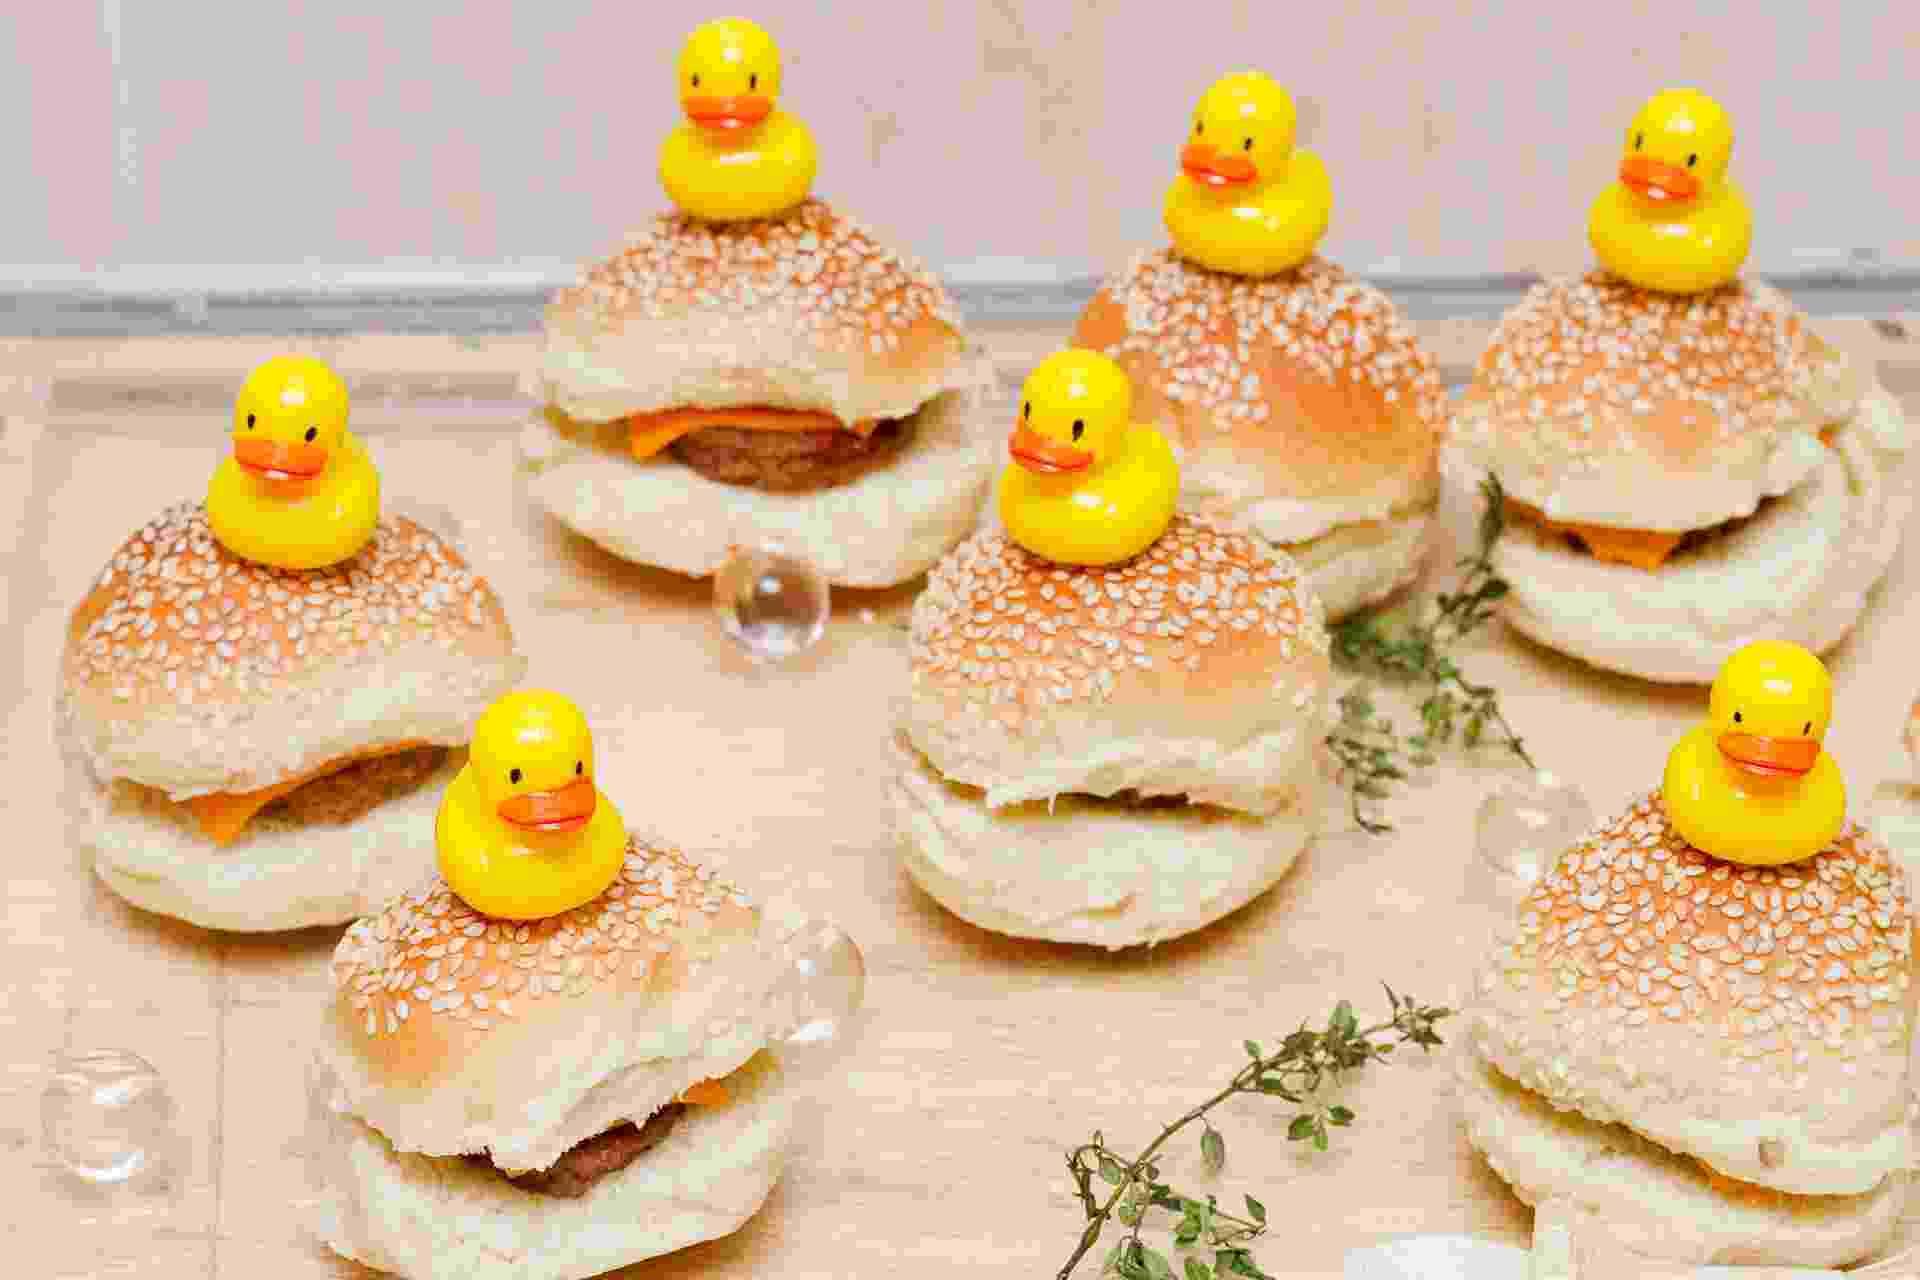 O mini-hambúrguer com queijo do bufê Duas Gastronomia (www.duasgastronomia.com.br) ganha patinhos como decoração - Divulgação